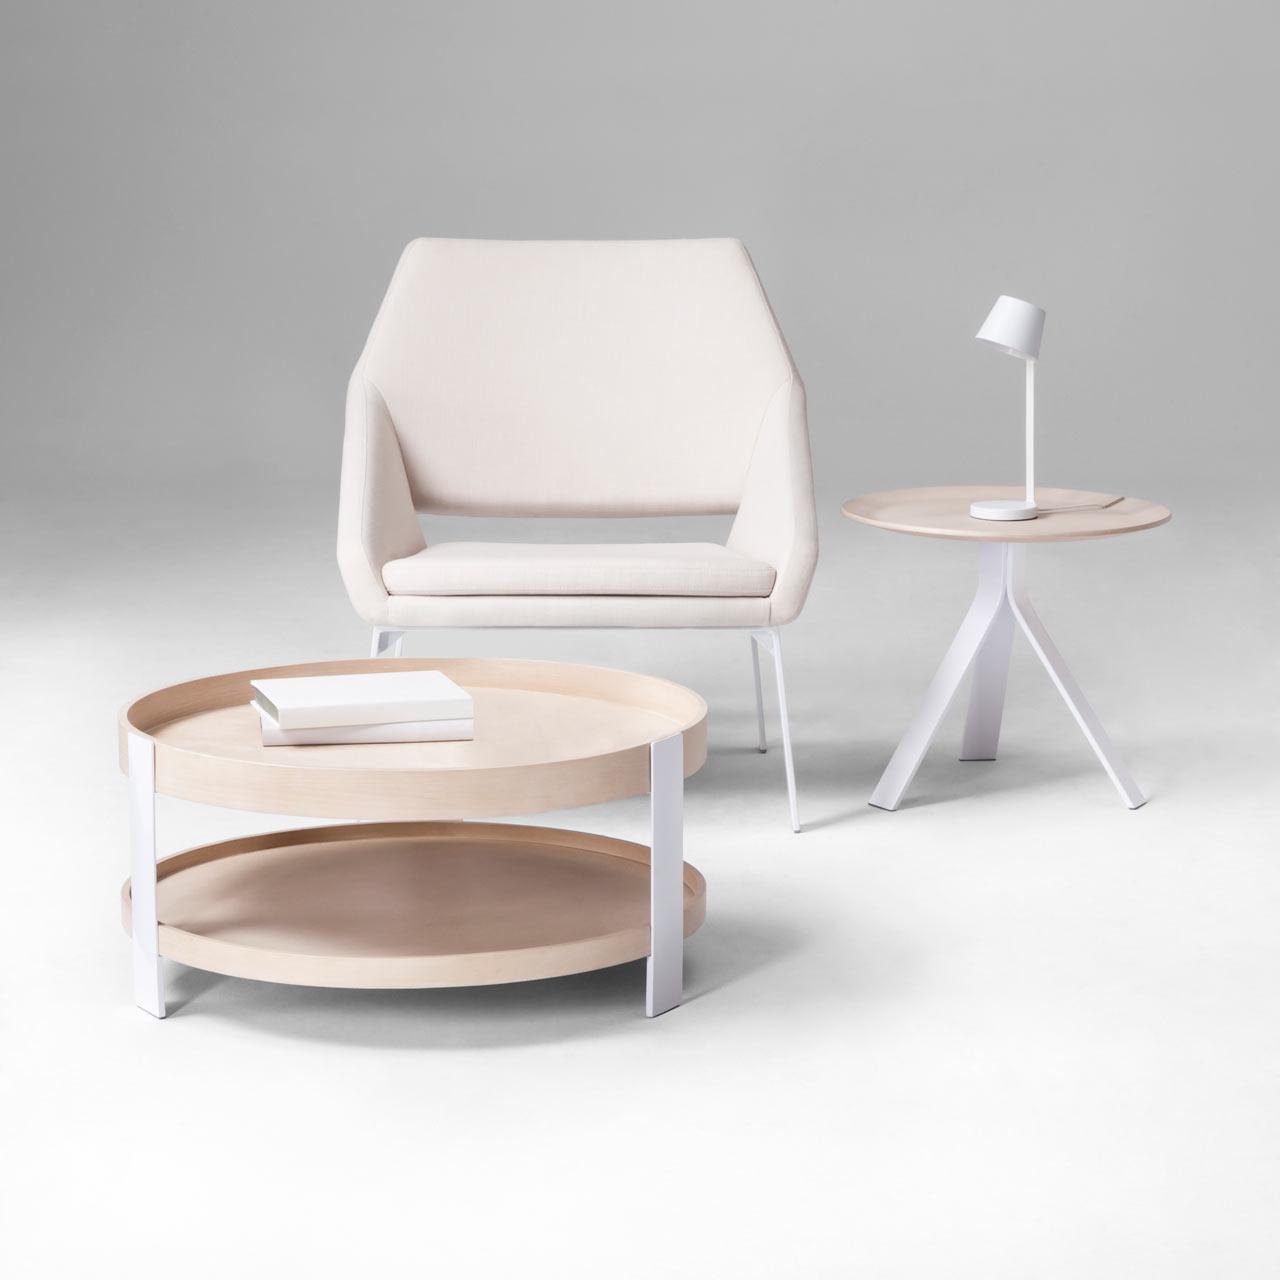 Target-Dwell-Magazine-Furniture-1.jpg